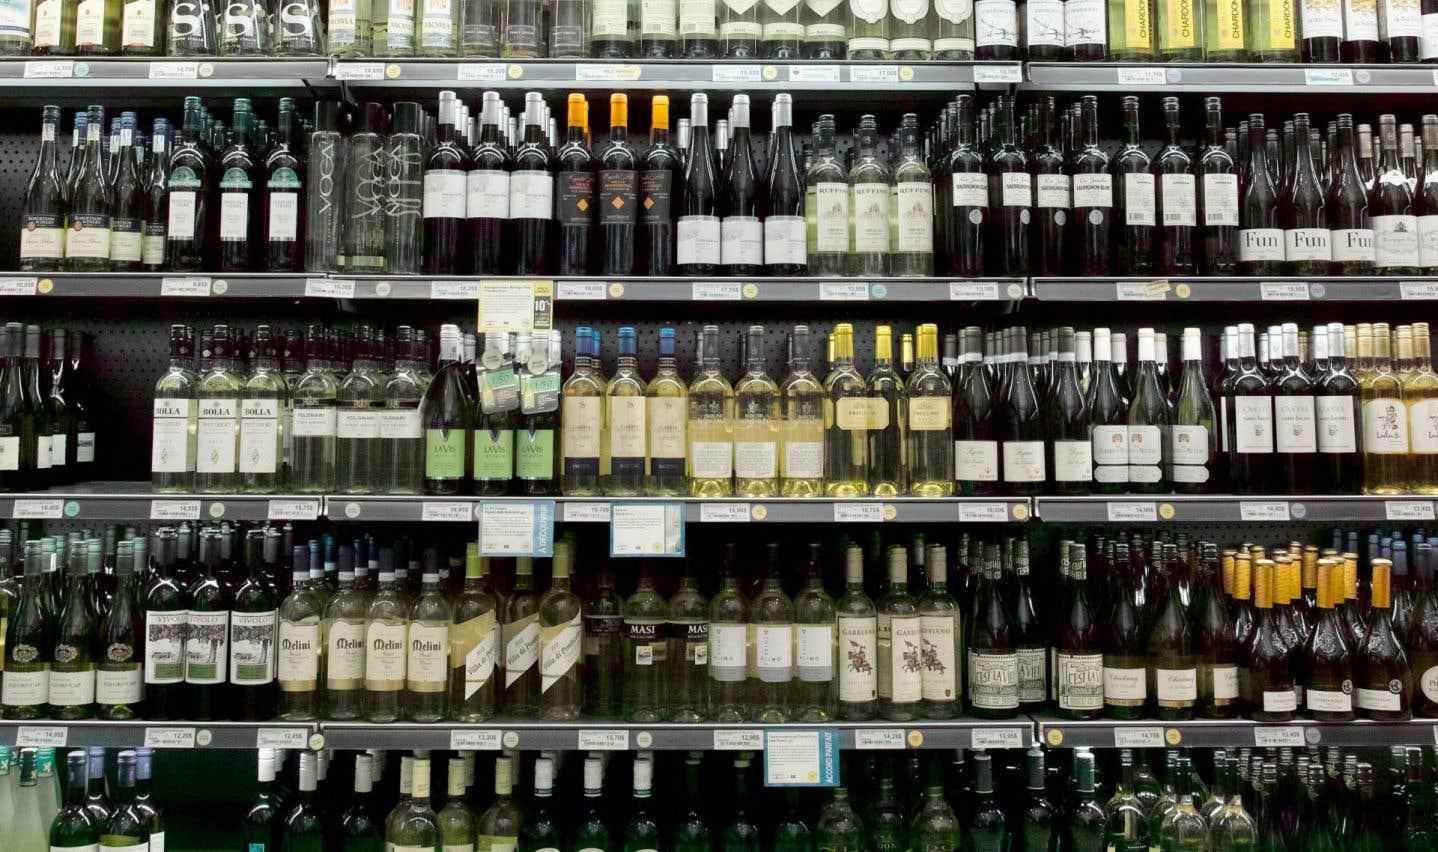 Les villes en ont assez de payer pour le verre